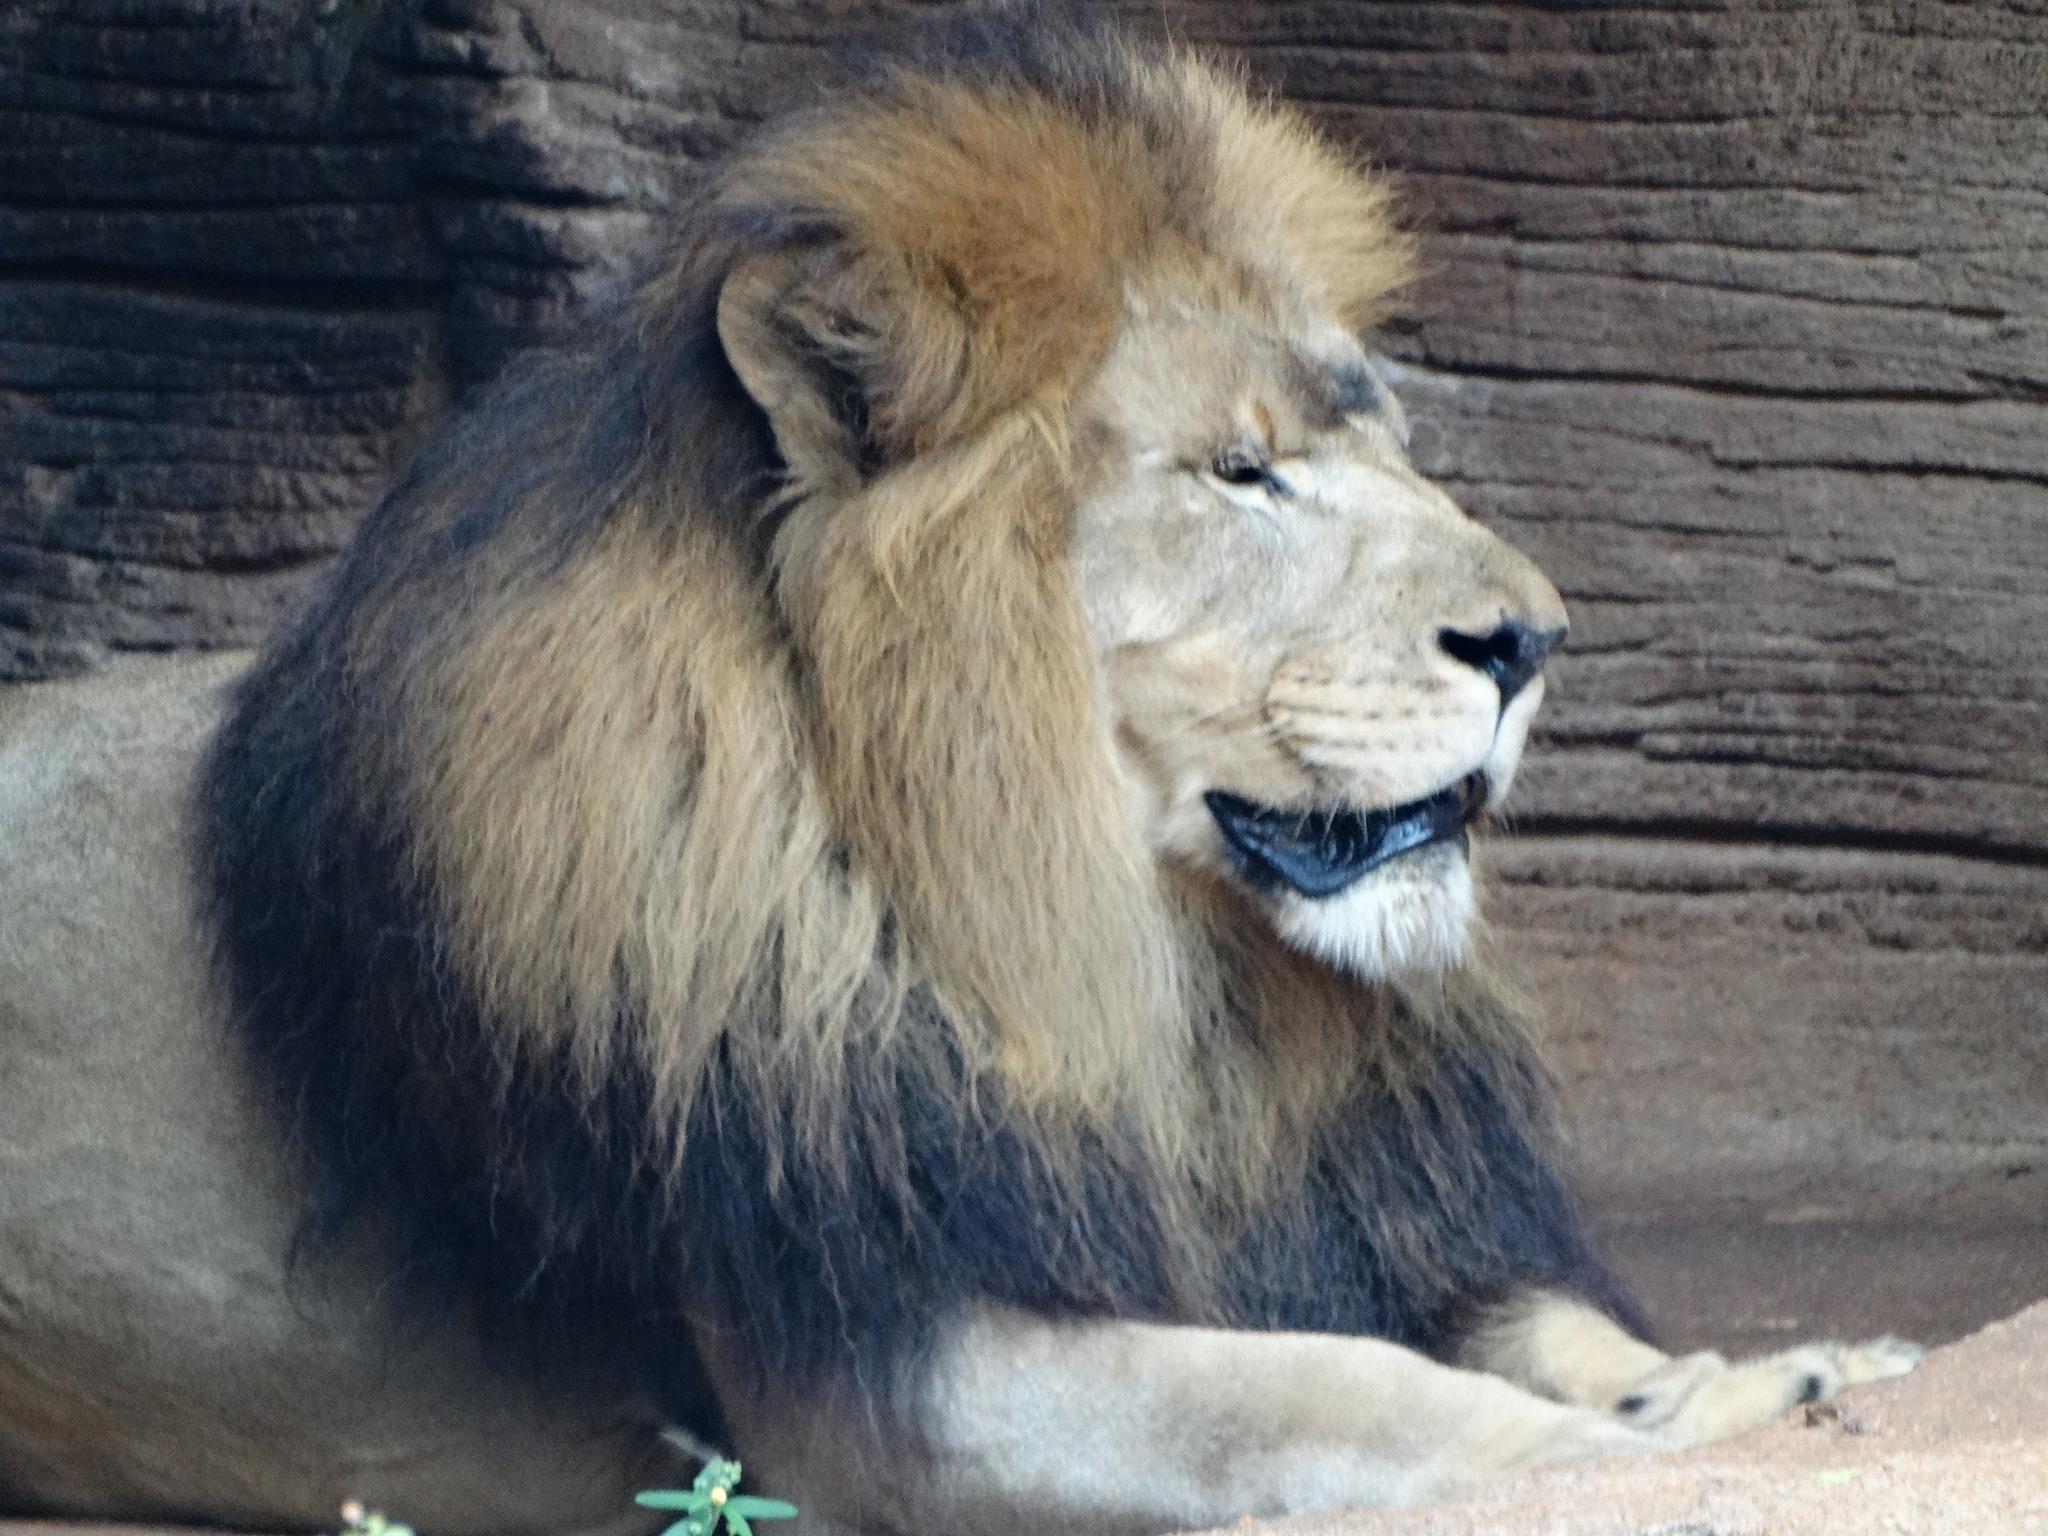 Regal Lion by rgoohs1